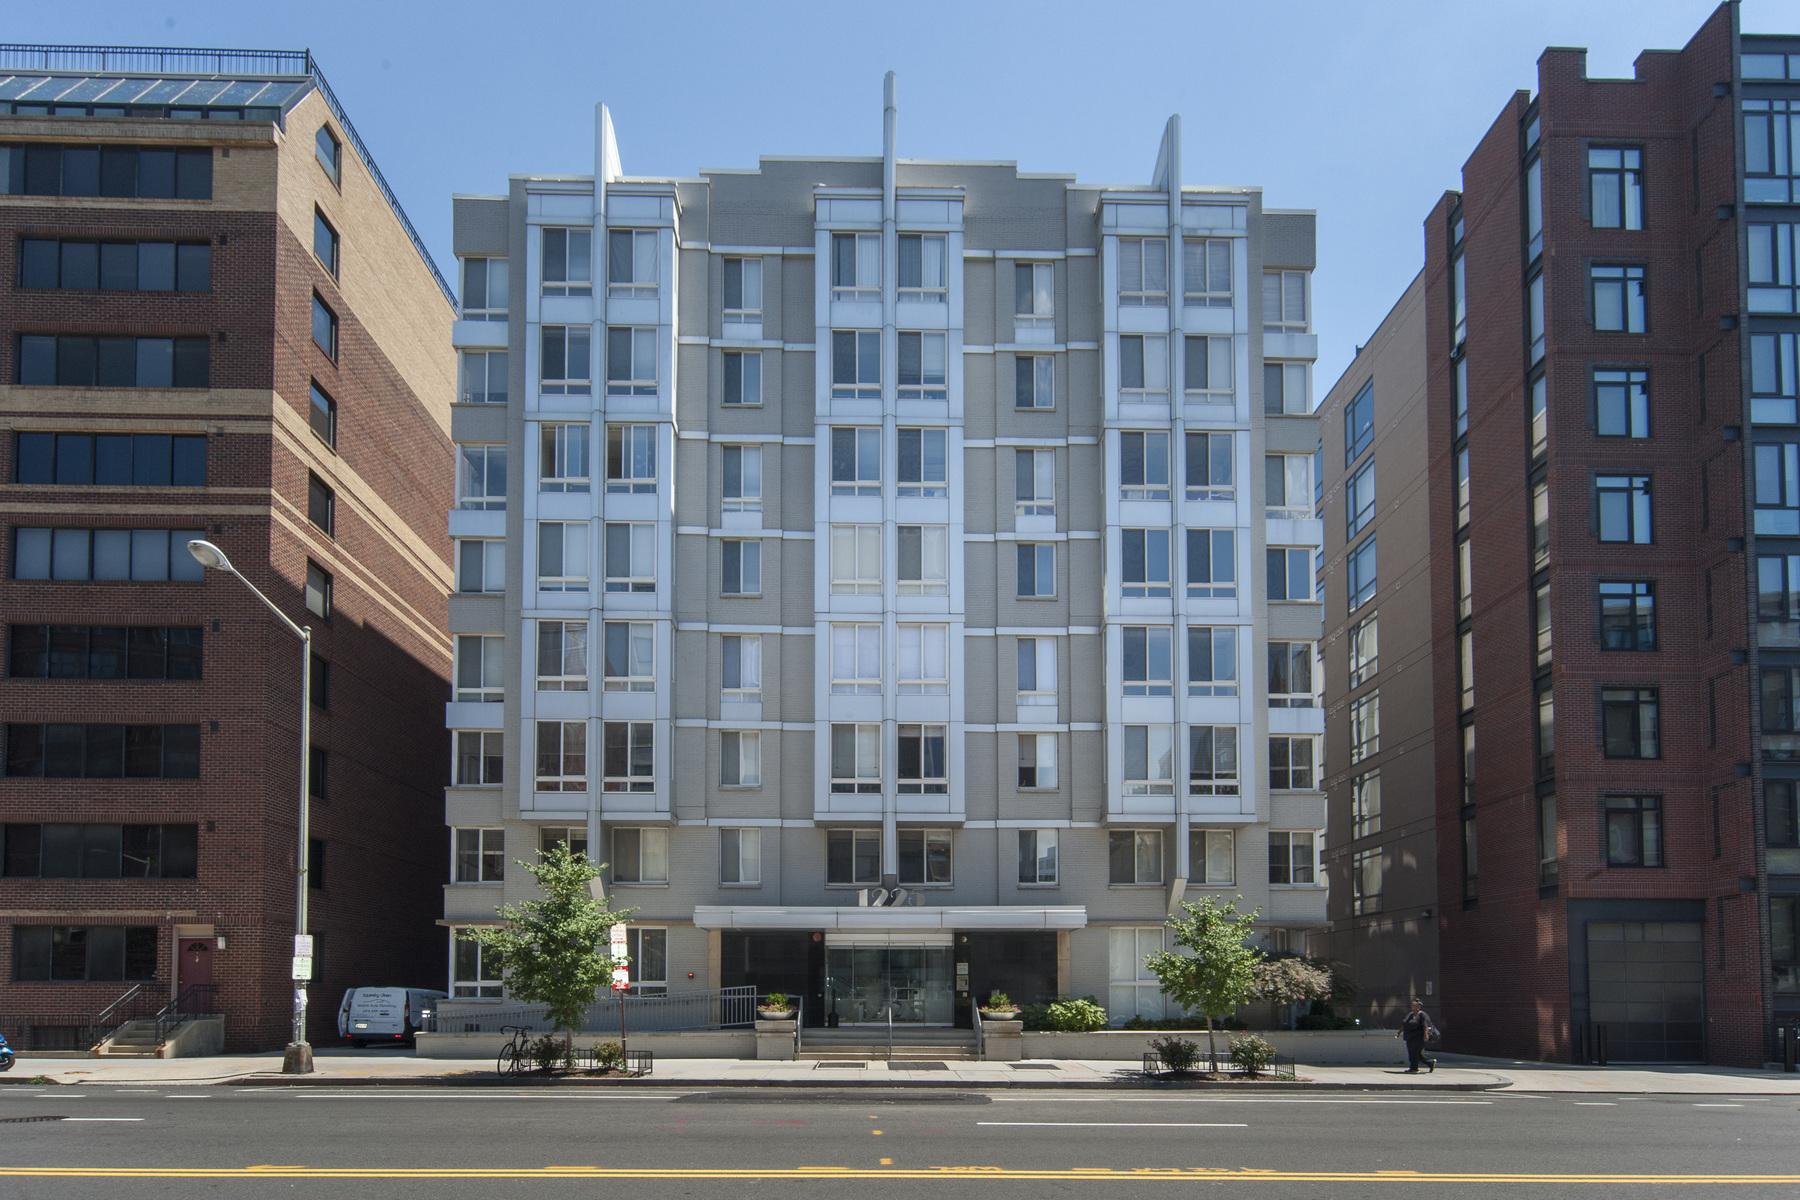 共管式独立产权公寓 为 销售 在 Logan Circle 1225 13th Street Nw 606 Washington, 哥伦比亚特区 20005 美国